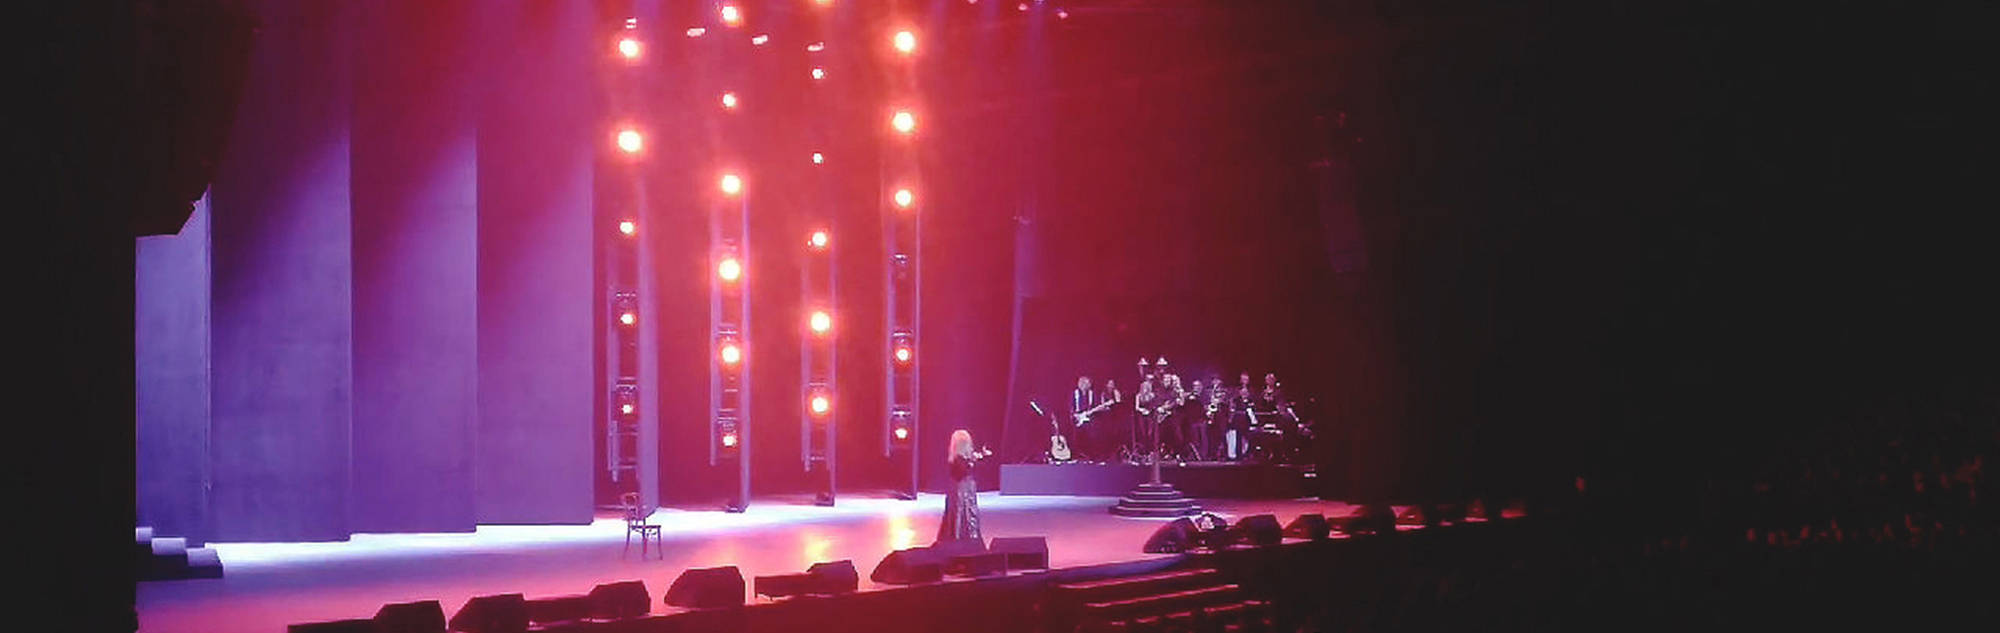 Юбилейный концерт Аллы Пугачевой в Минск-Арене.